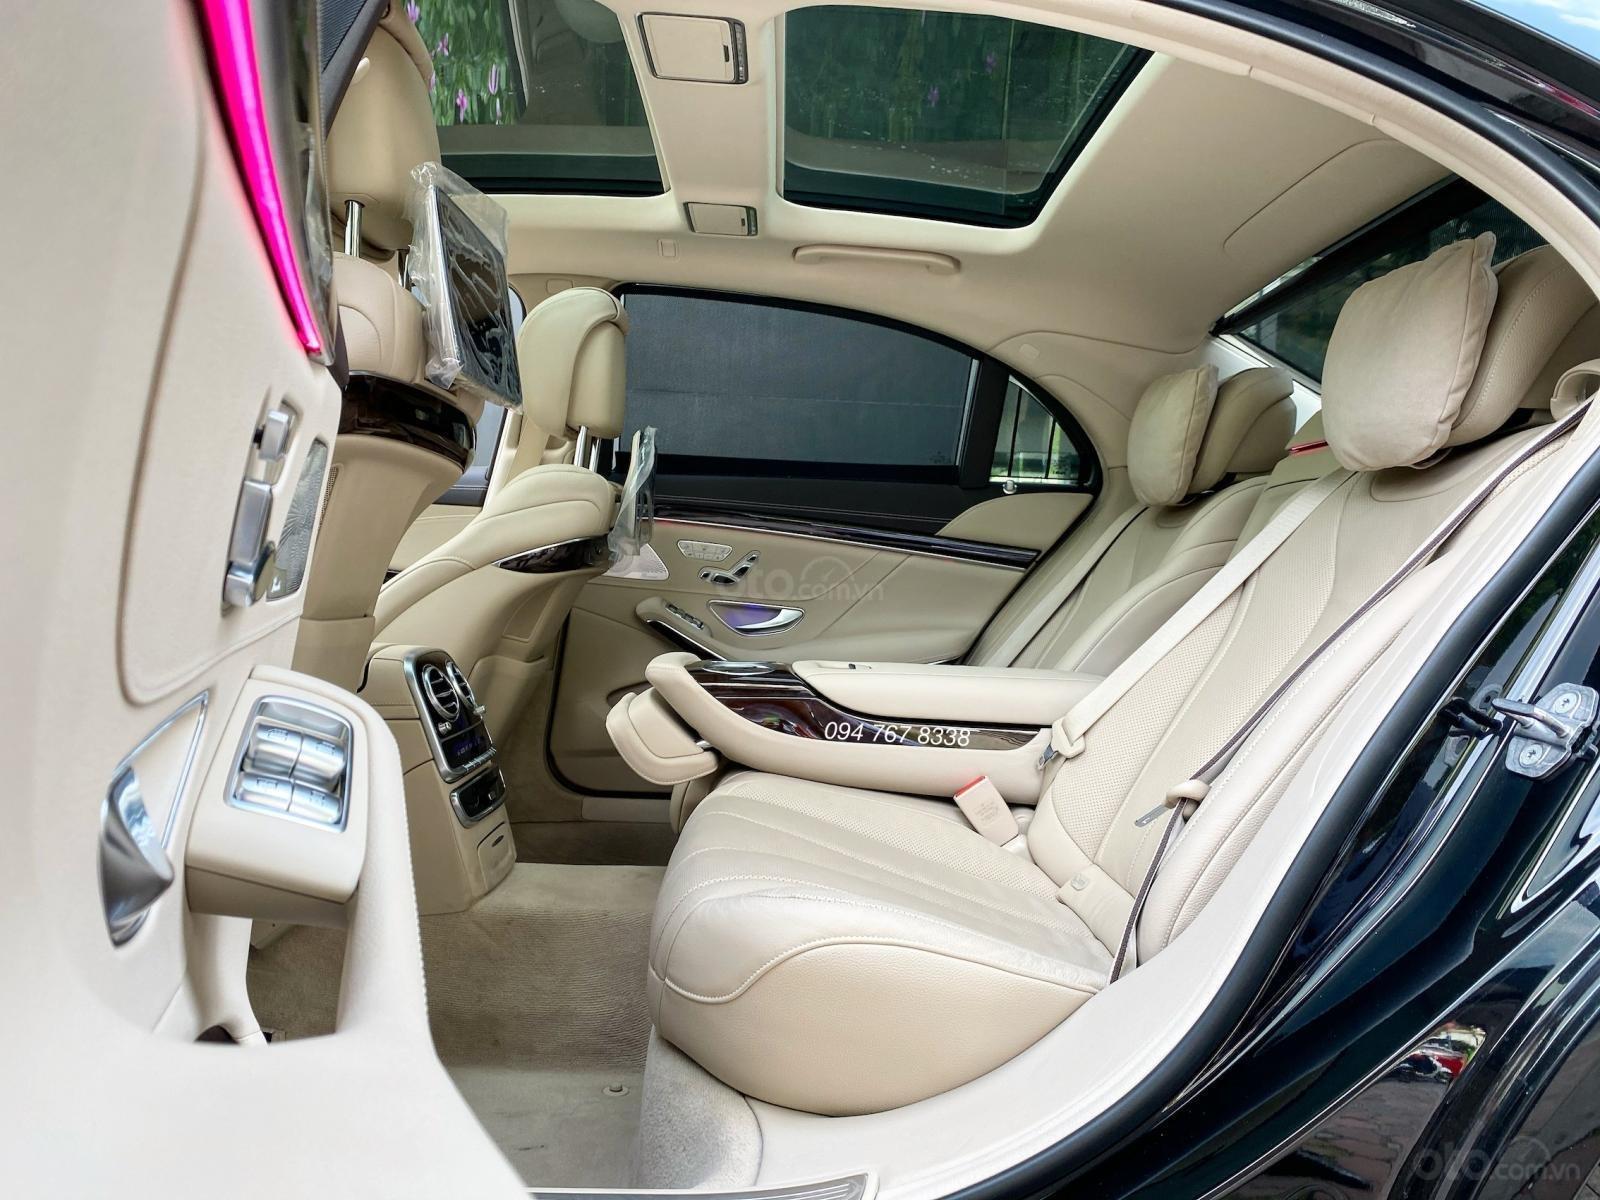 Bán Mercedes S450L 2020 đen, nội thất kem siêu lướt, chính chủ, biển đẹp rẻ hơn mua mới 650tr (8)